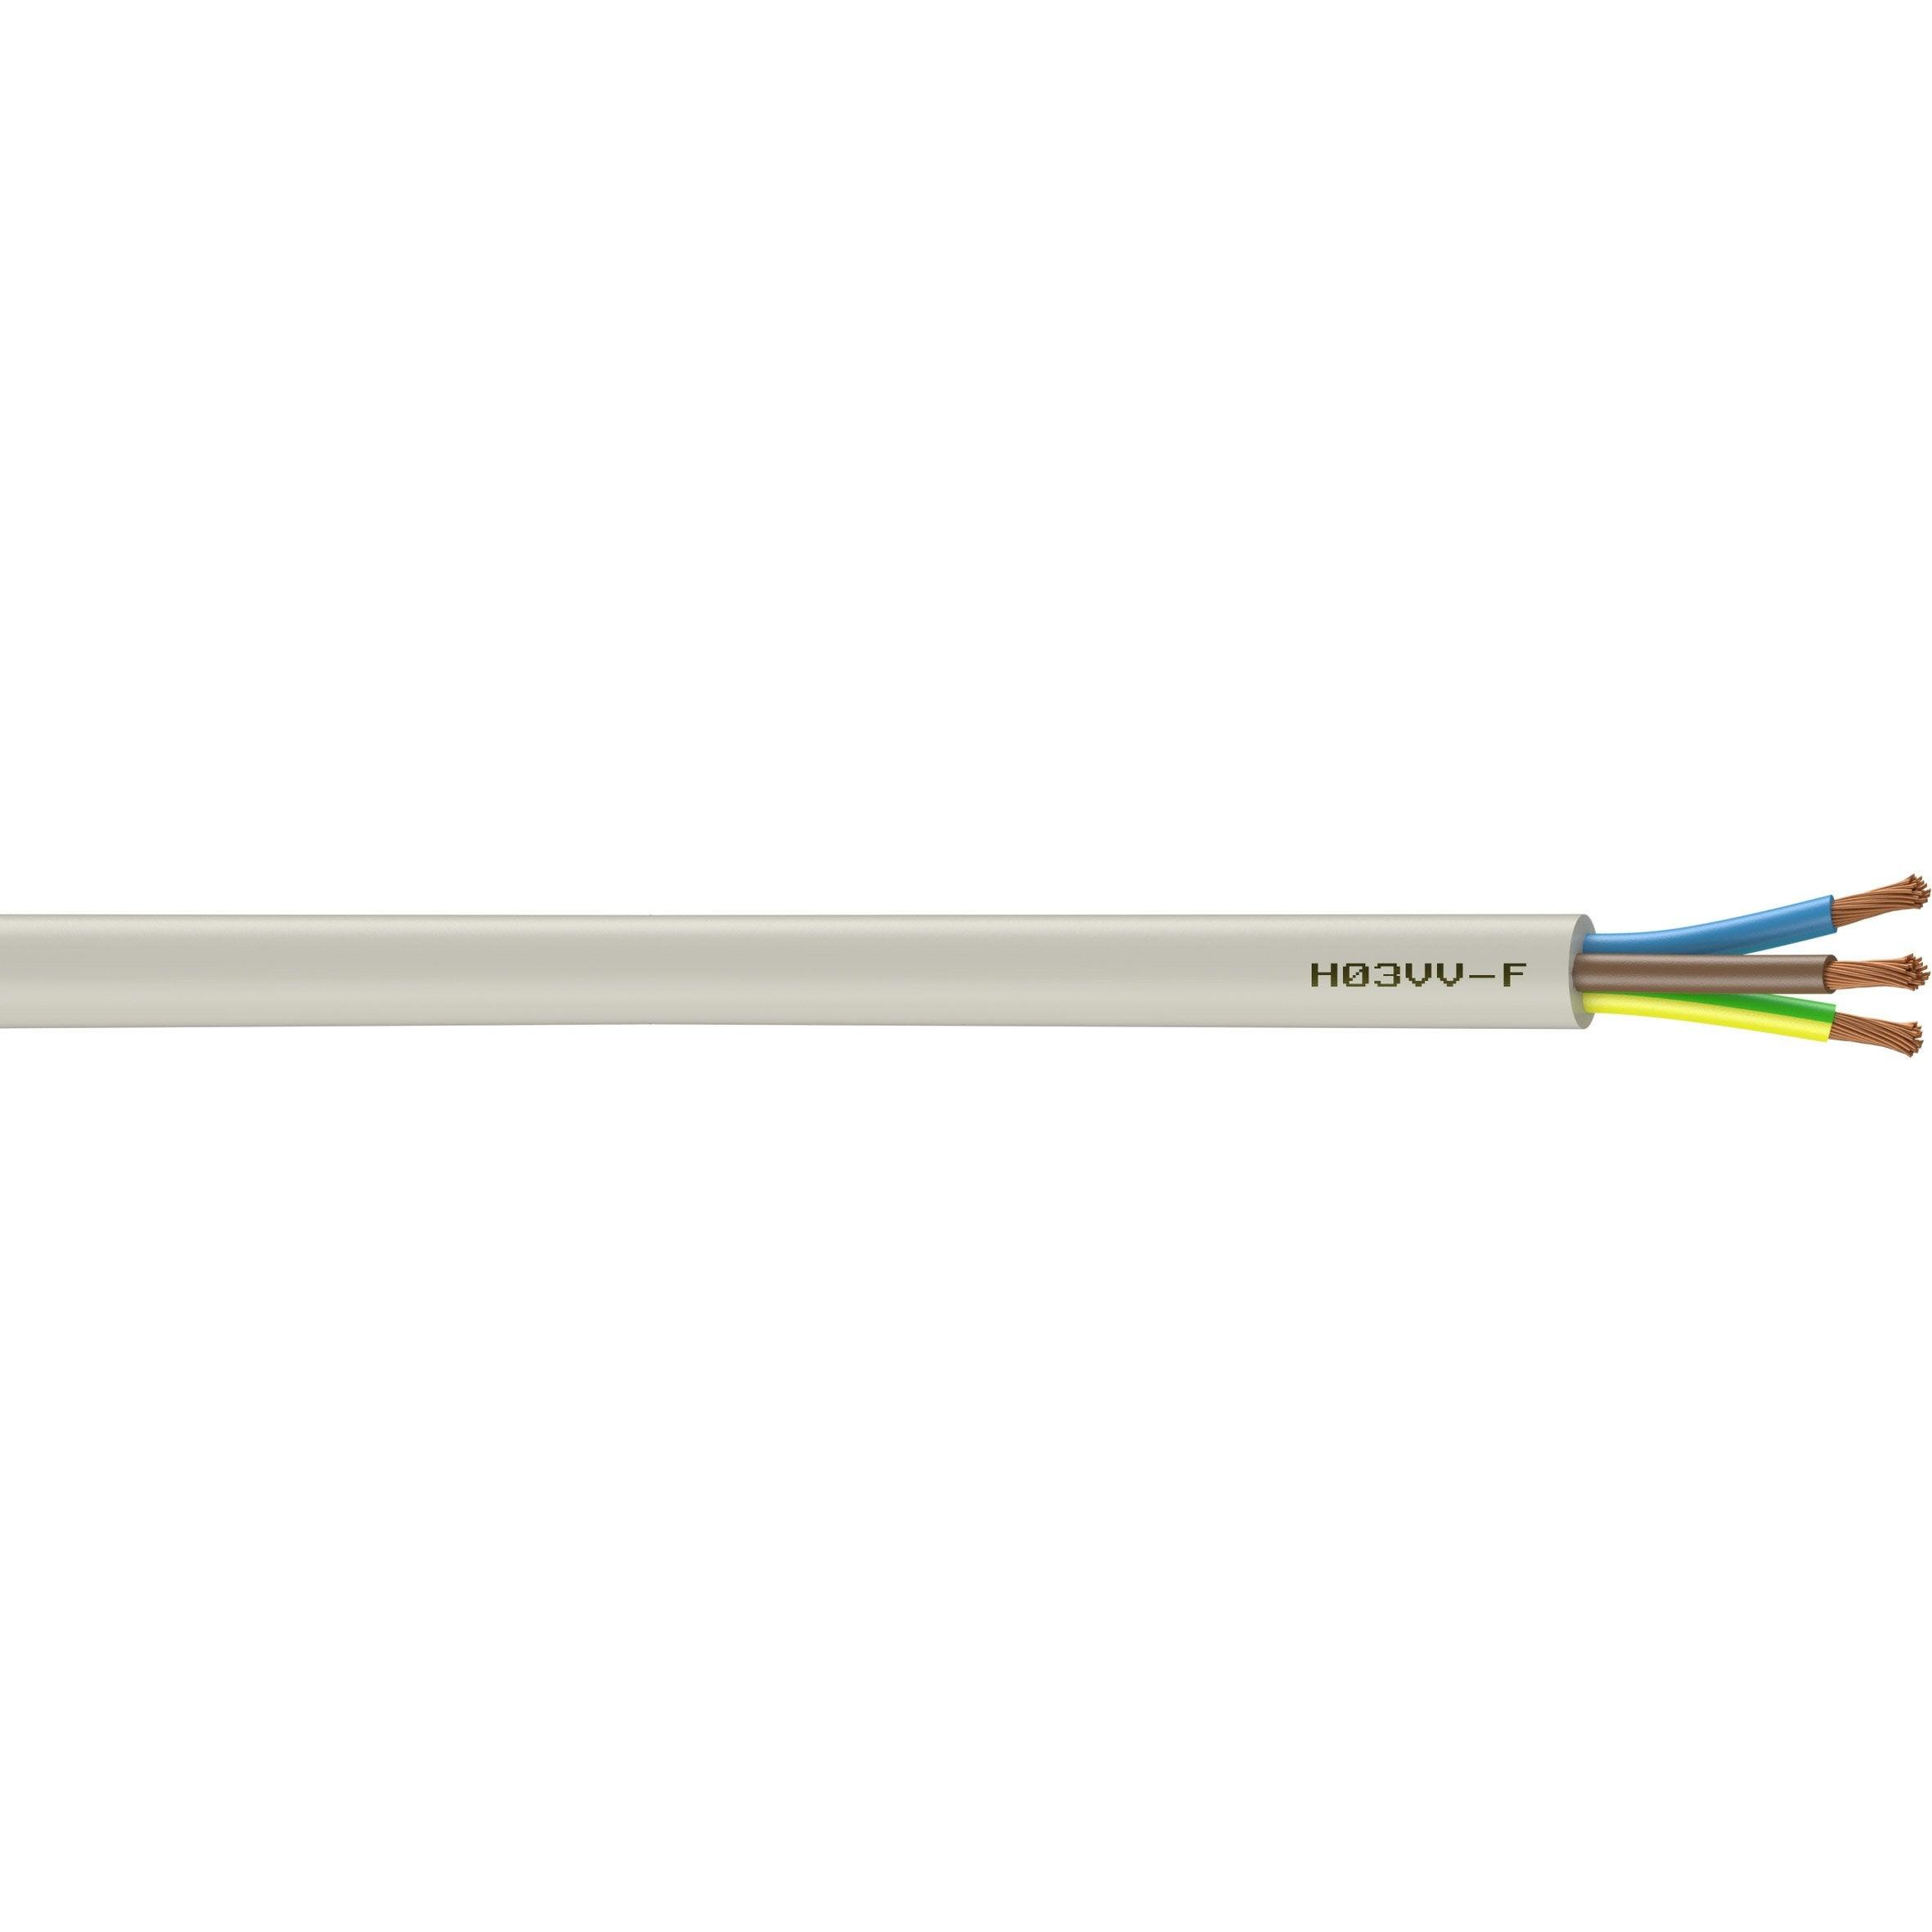 Combien De Metre De Fils Electrique Pour Une Maison câble électrique 3 g 0.75 mm² h03vvf l.5 m, noir